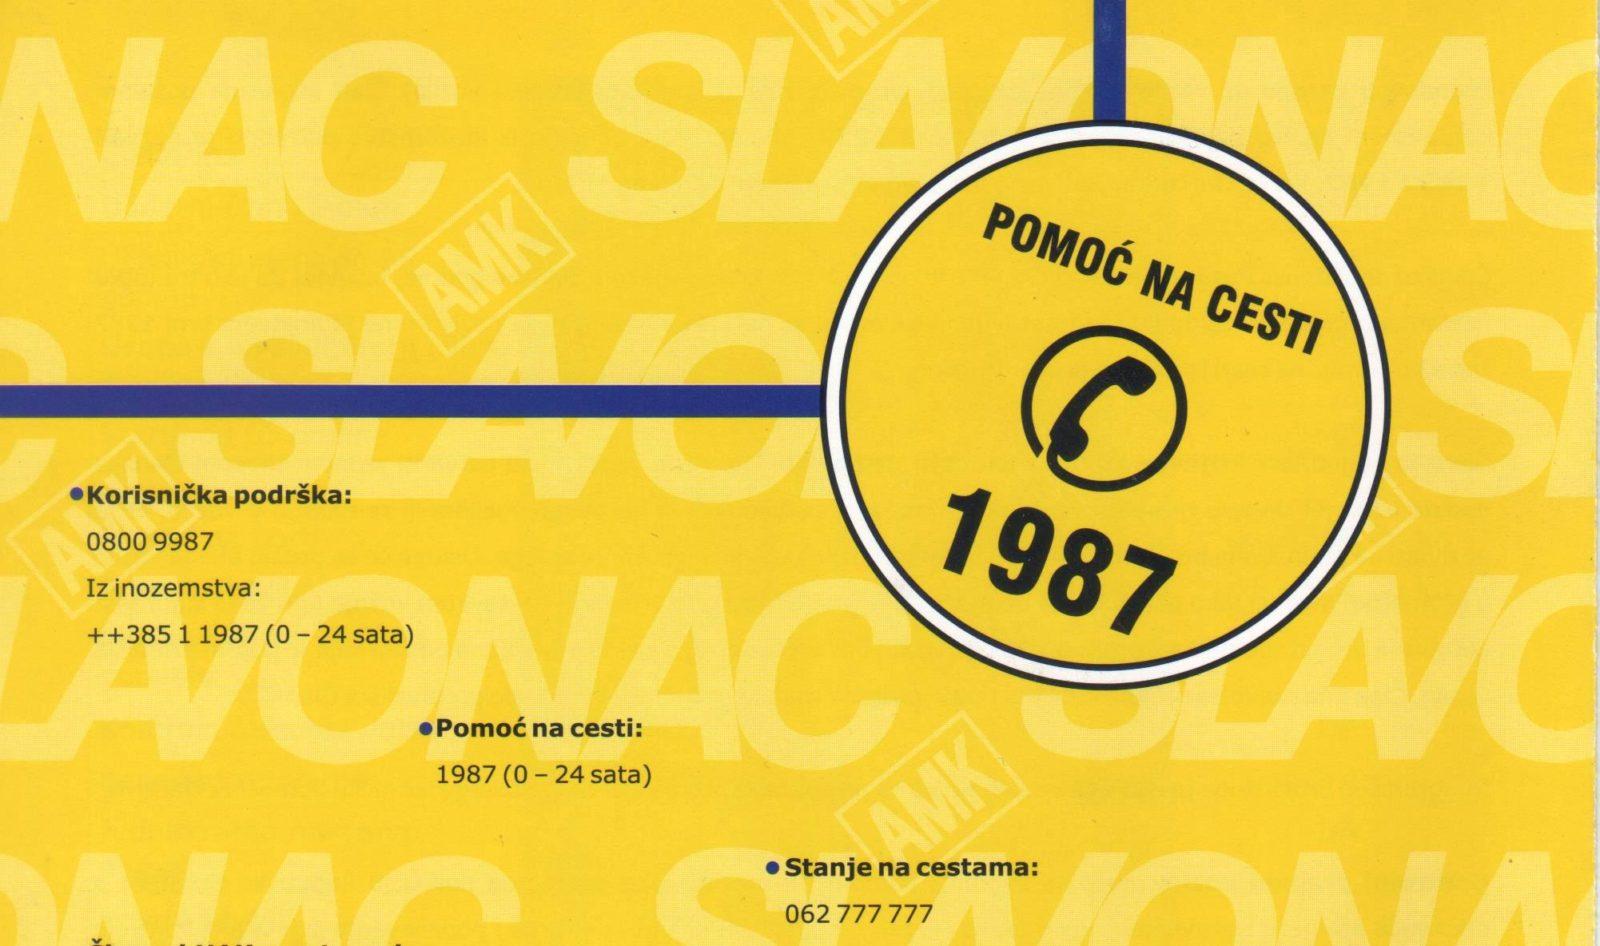 Uklanjanje vozila nakon prometne nesreće - AMK Slavonac